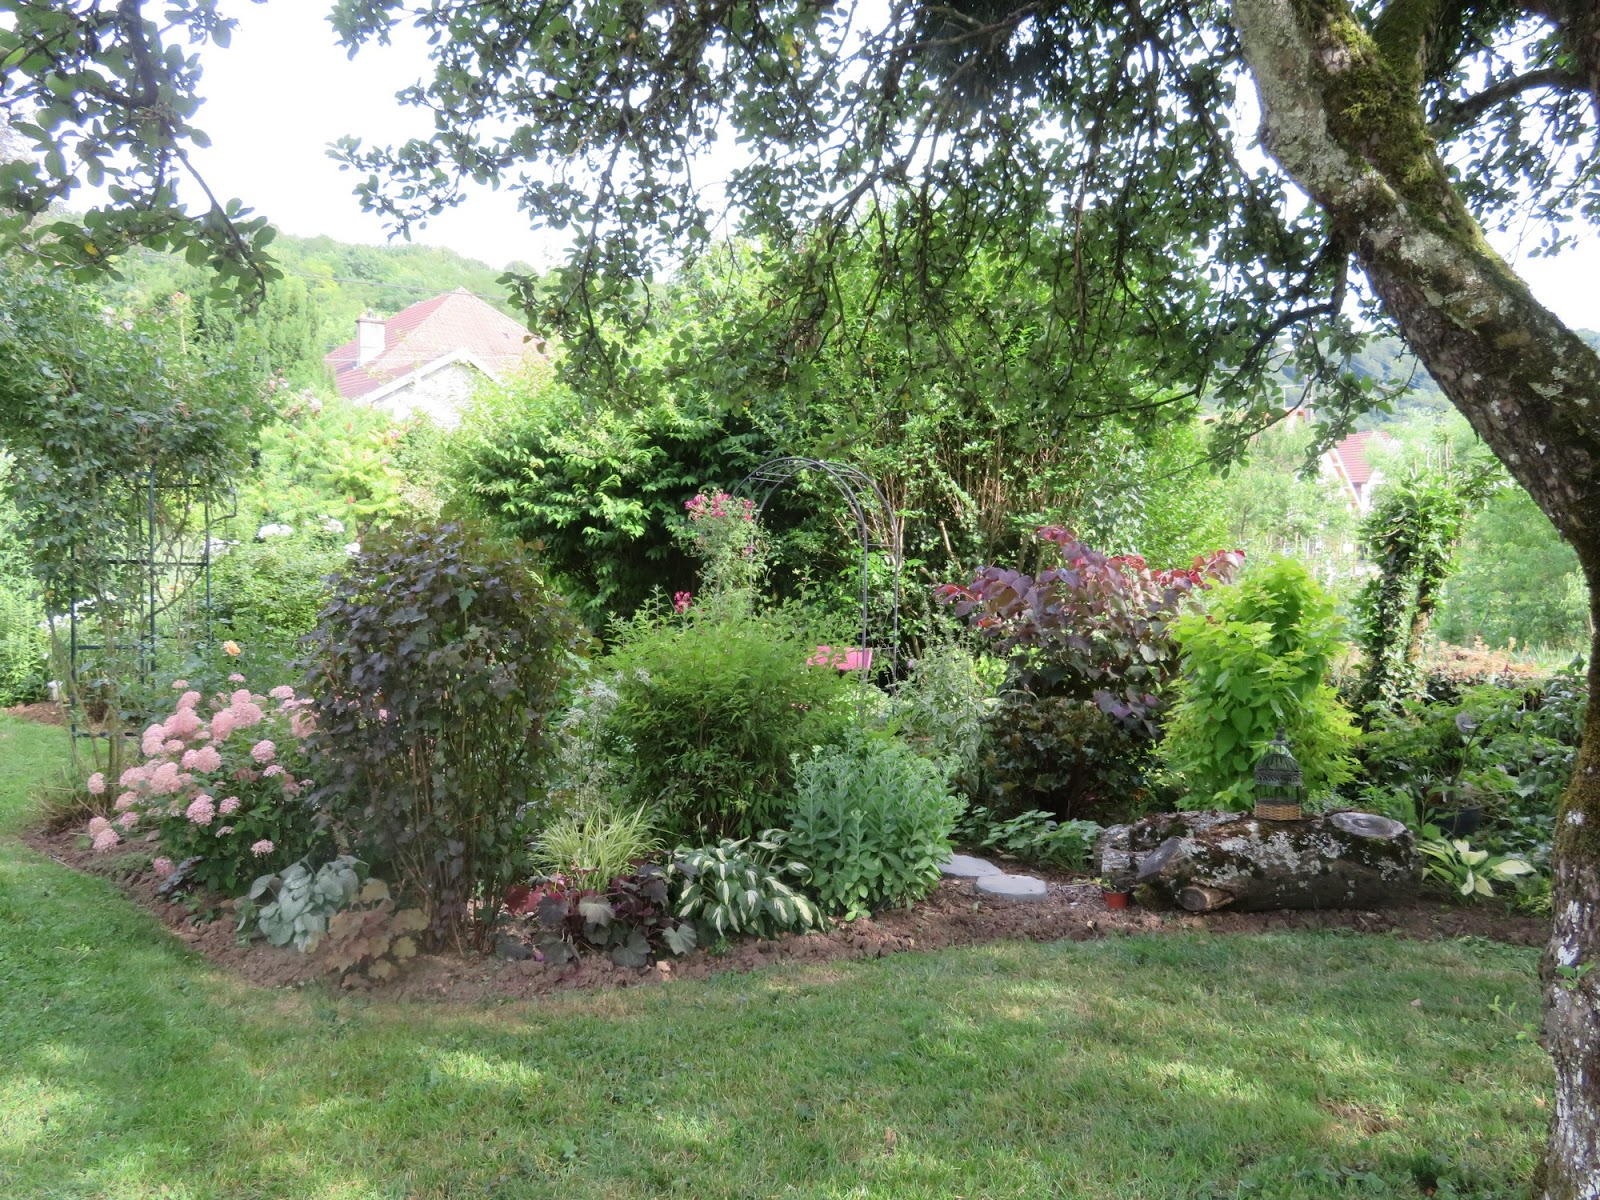 Mes motsdoubs mon jardin en juillet for Jardin 5 juillet biskra